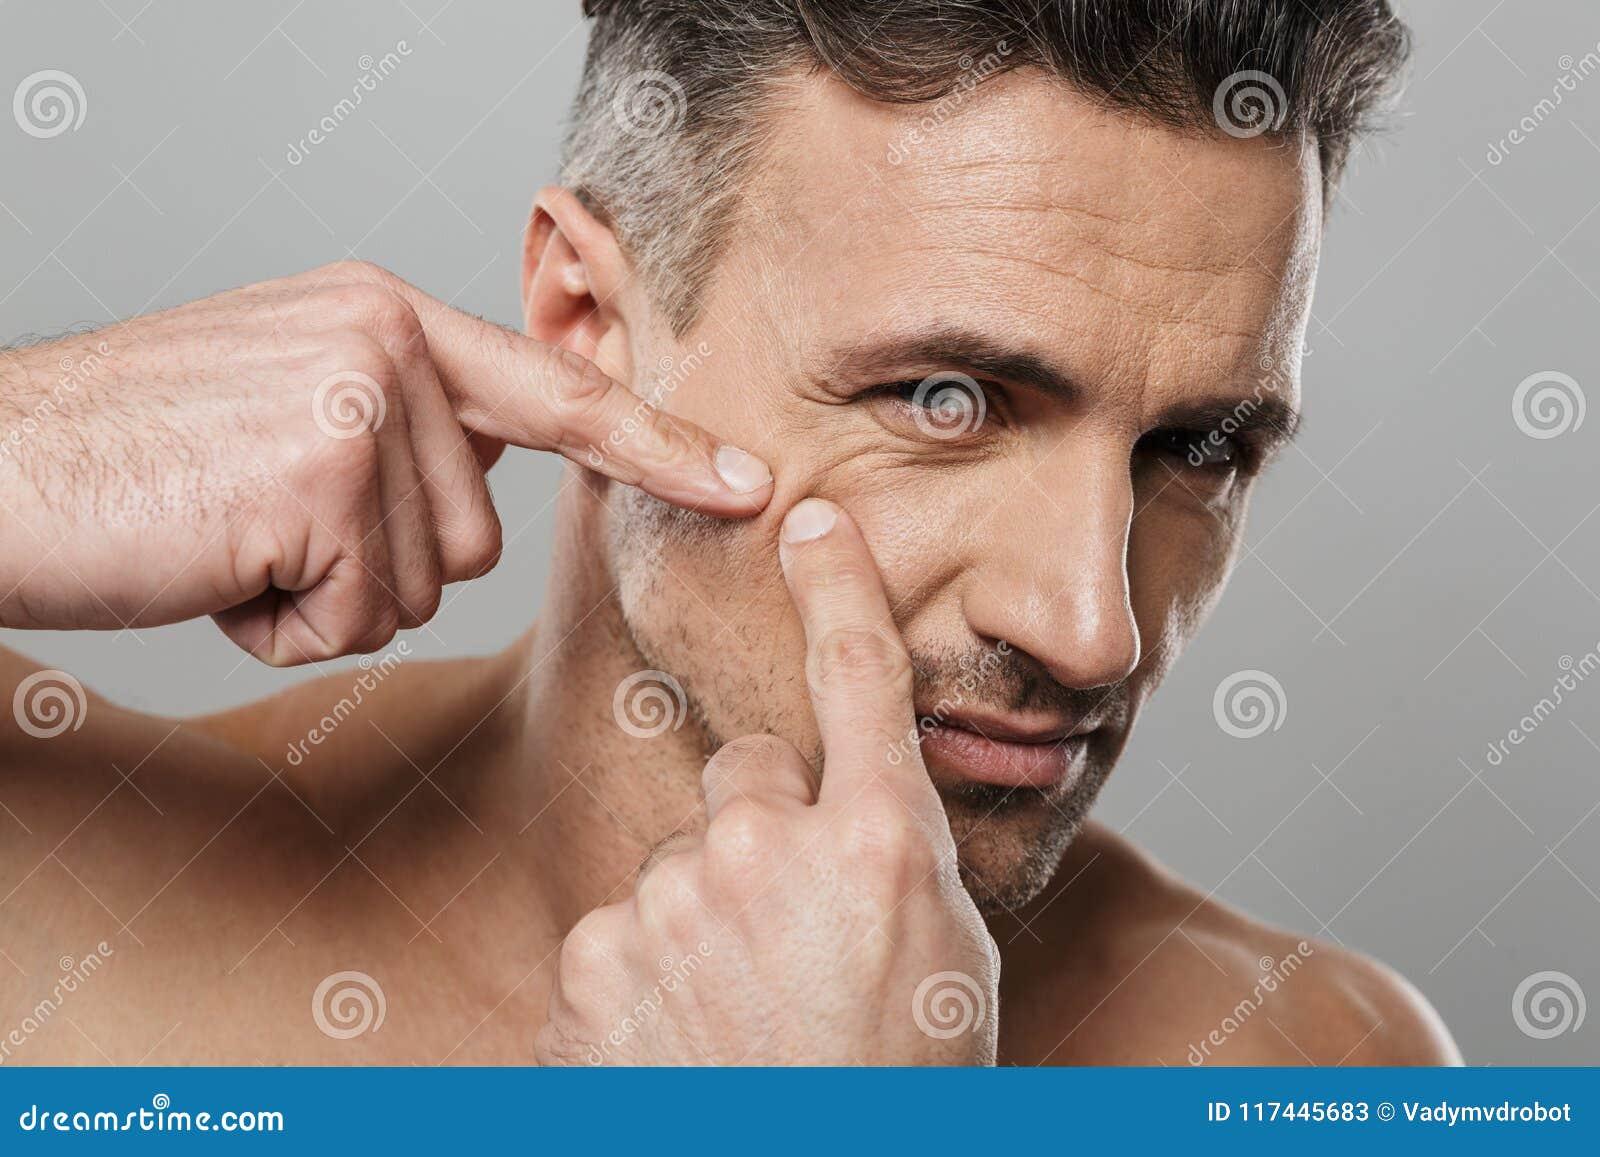 Το όμορφο ώριμο άτομο γυμνό φροντίζει τις συμπιέσεις δερμάτων του έξω ένα σπυράκι